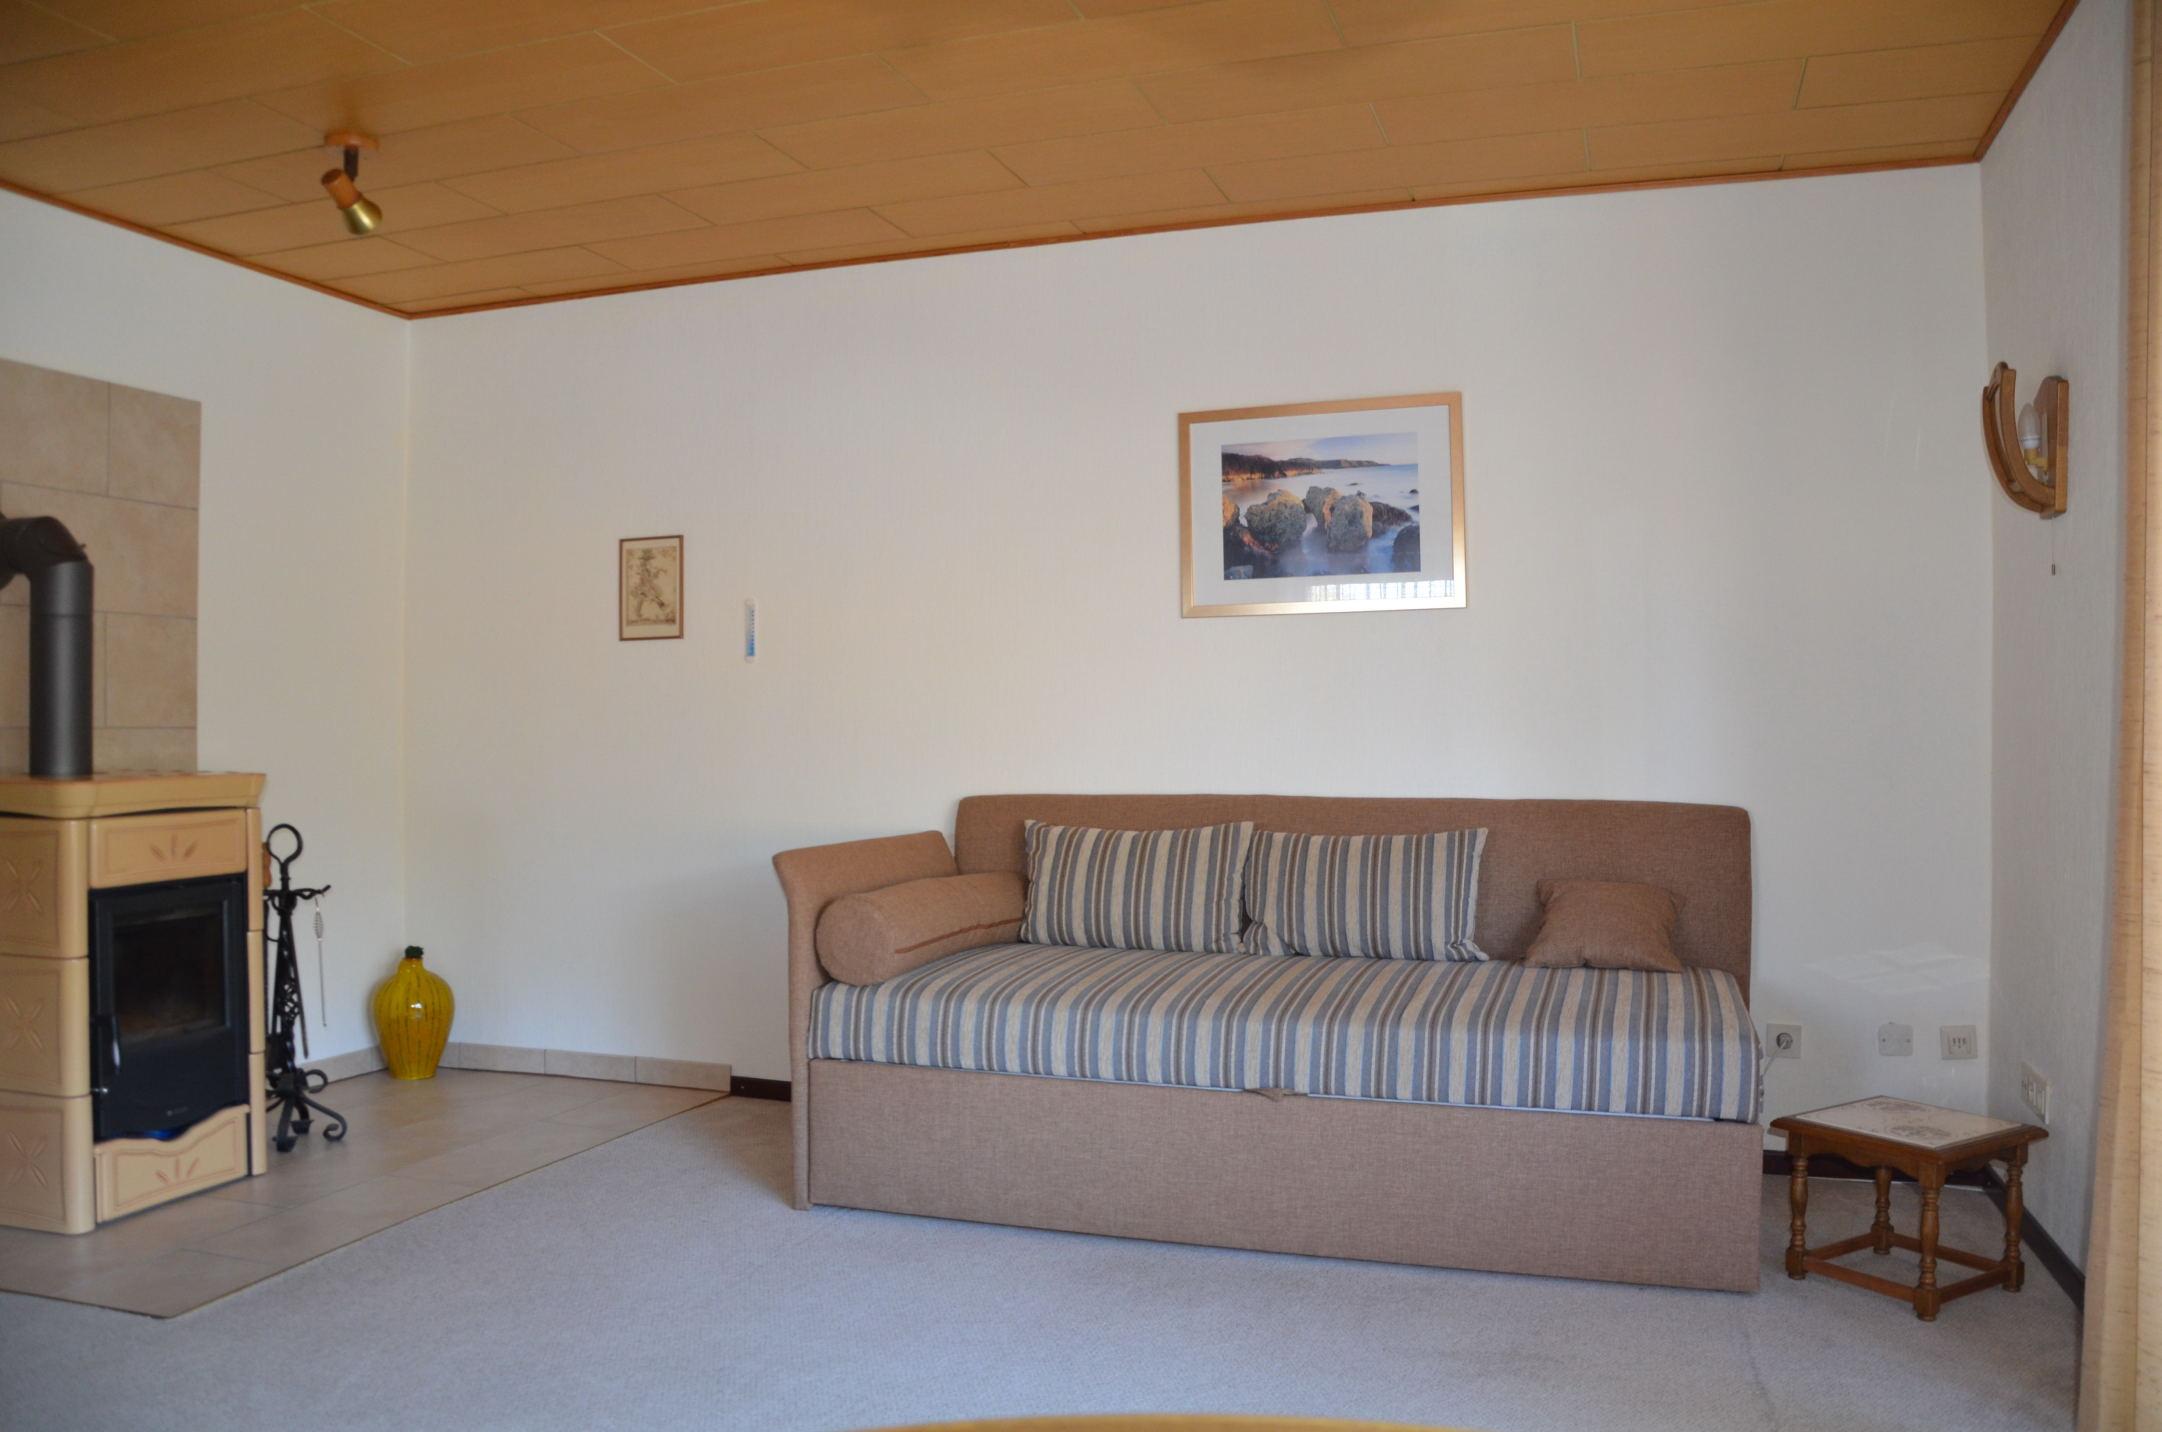 Wohnzimmer2_Wohnung1